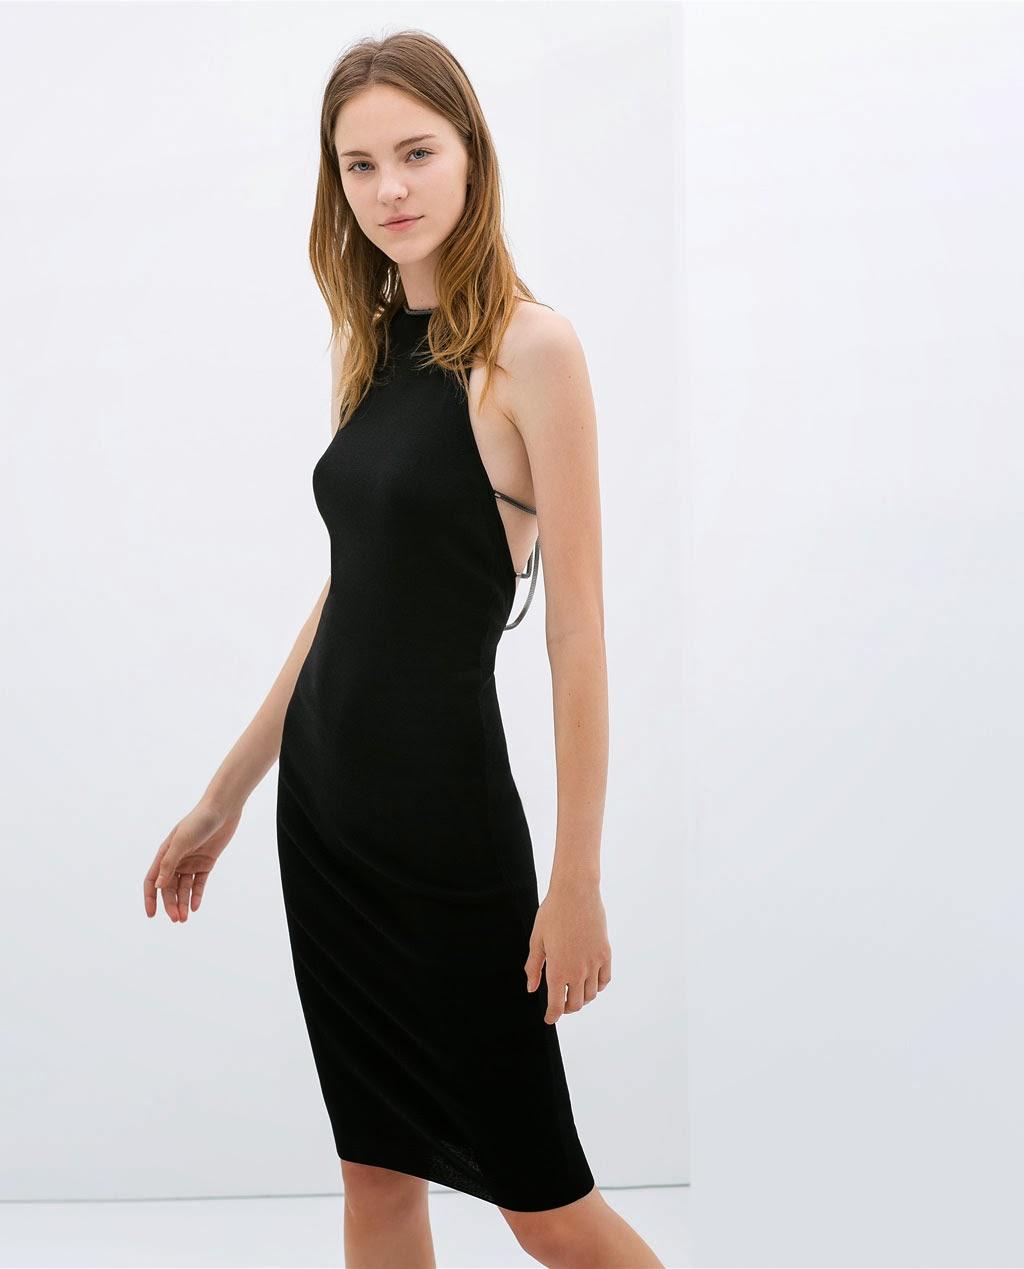 boyun bağlamalı elbise, sırtı açık elbise siyah elbise, gece elbisesi